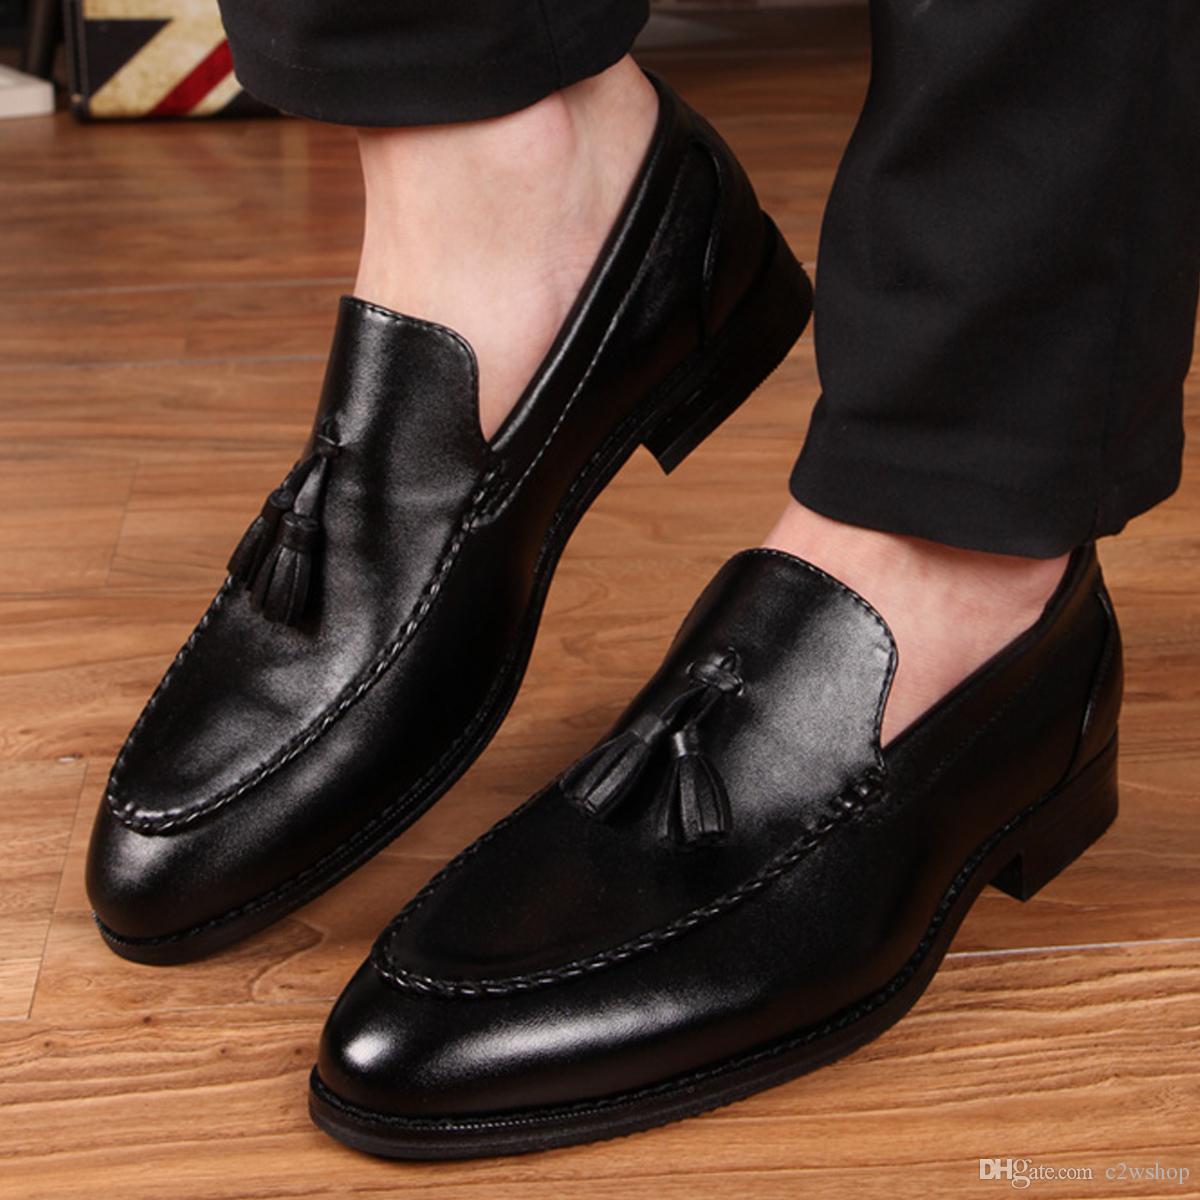 Branded Formal Shoes For Men